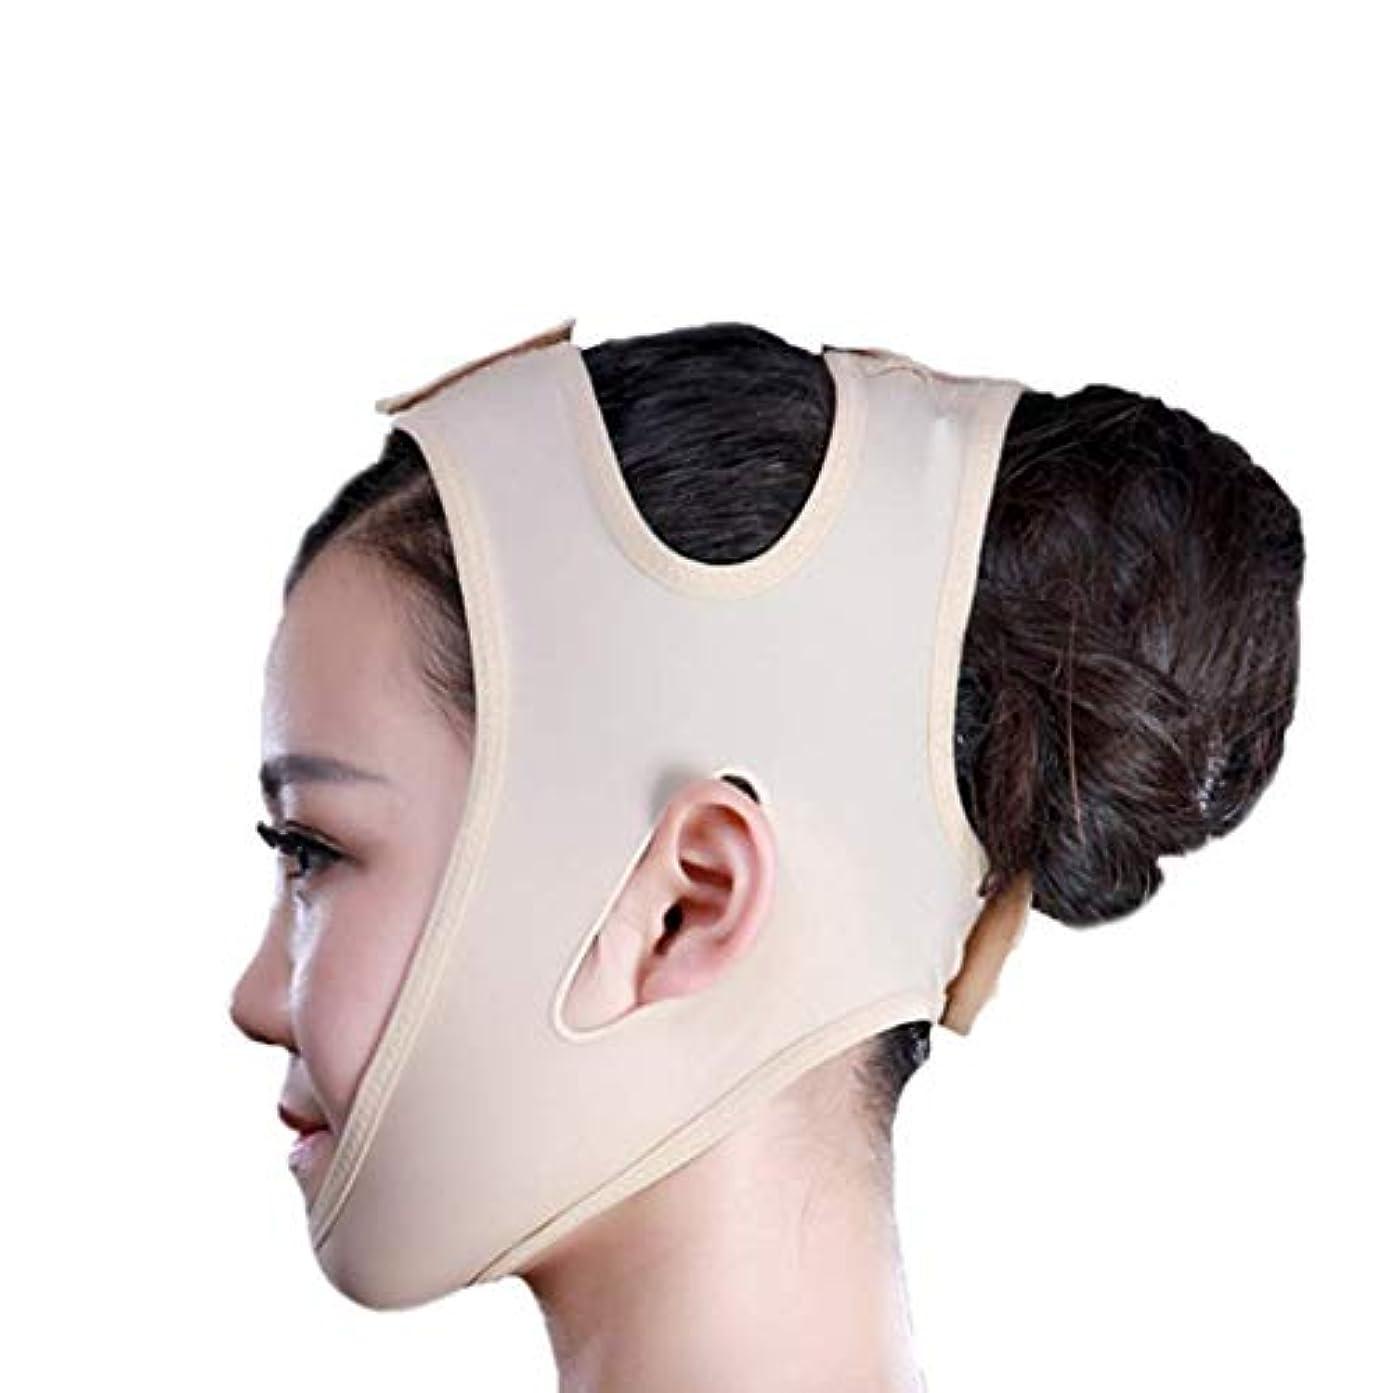 アジャうまくいけばそうフェイススリミングマスク、快適さと通気性、フェイシャルリフティング、輪郭の改善された硬さ、ファーミングとリフティングフェイス(カラー:ブラック、サイズ:XL),黄色がかったピンク、XXL